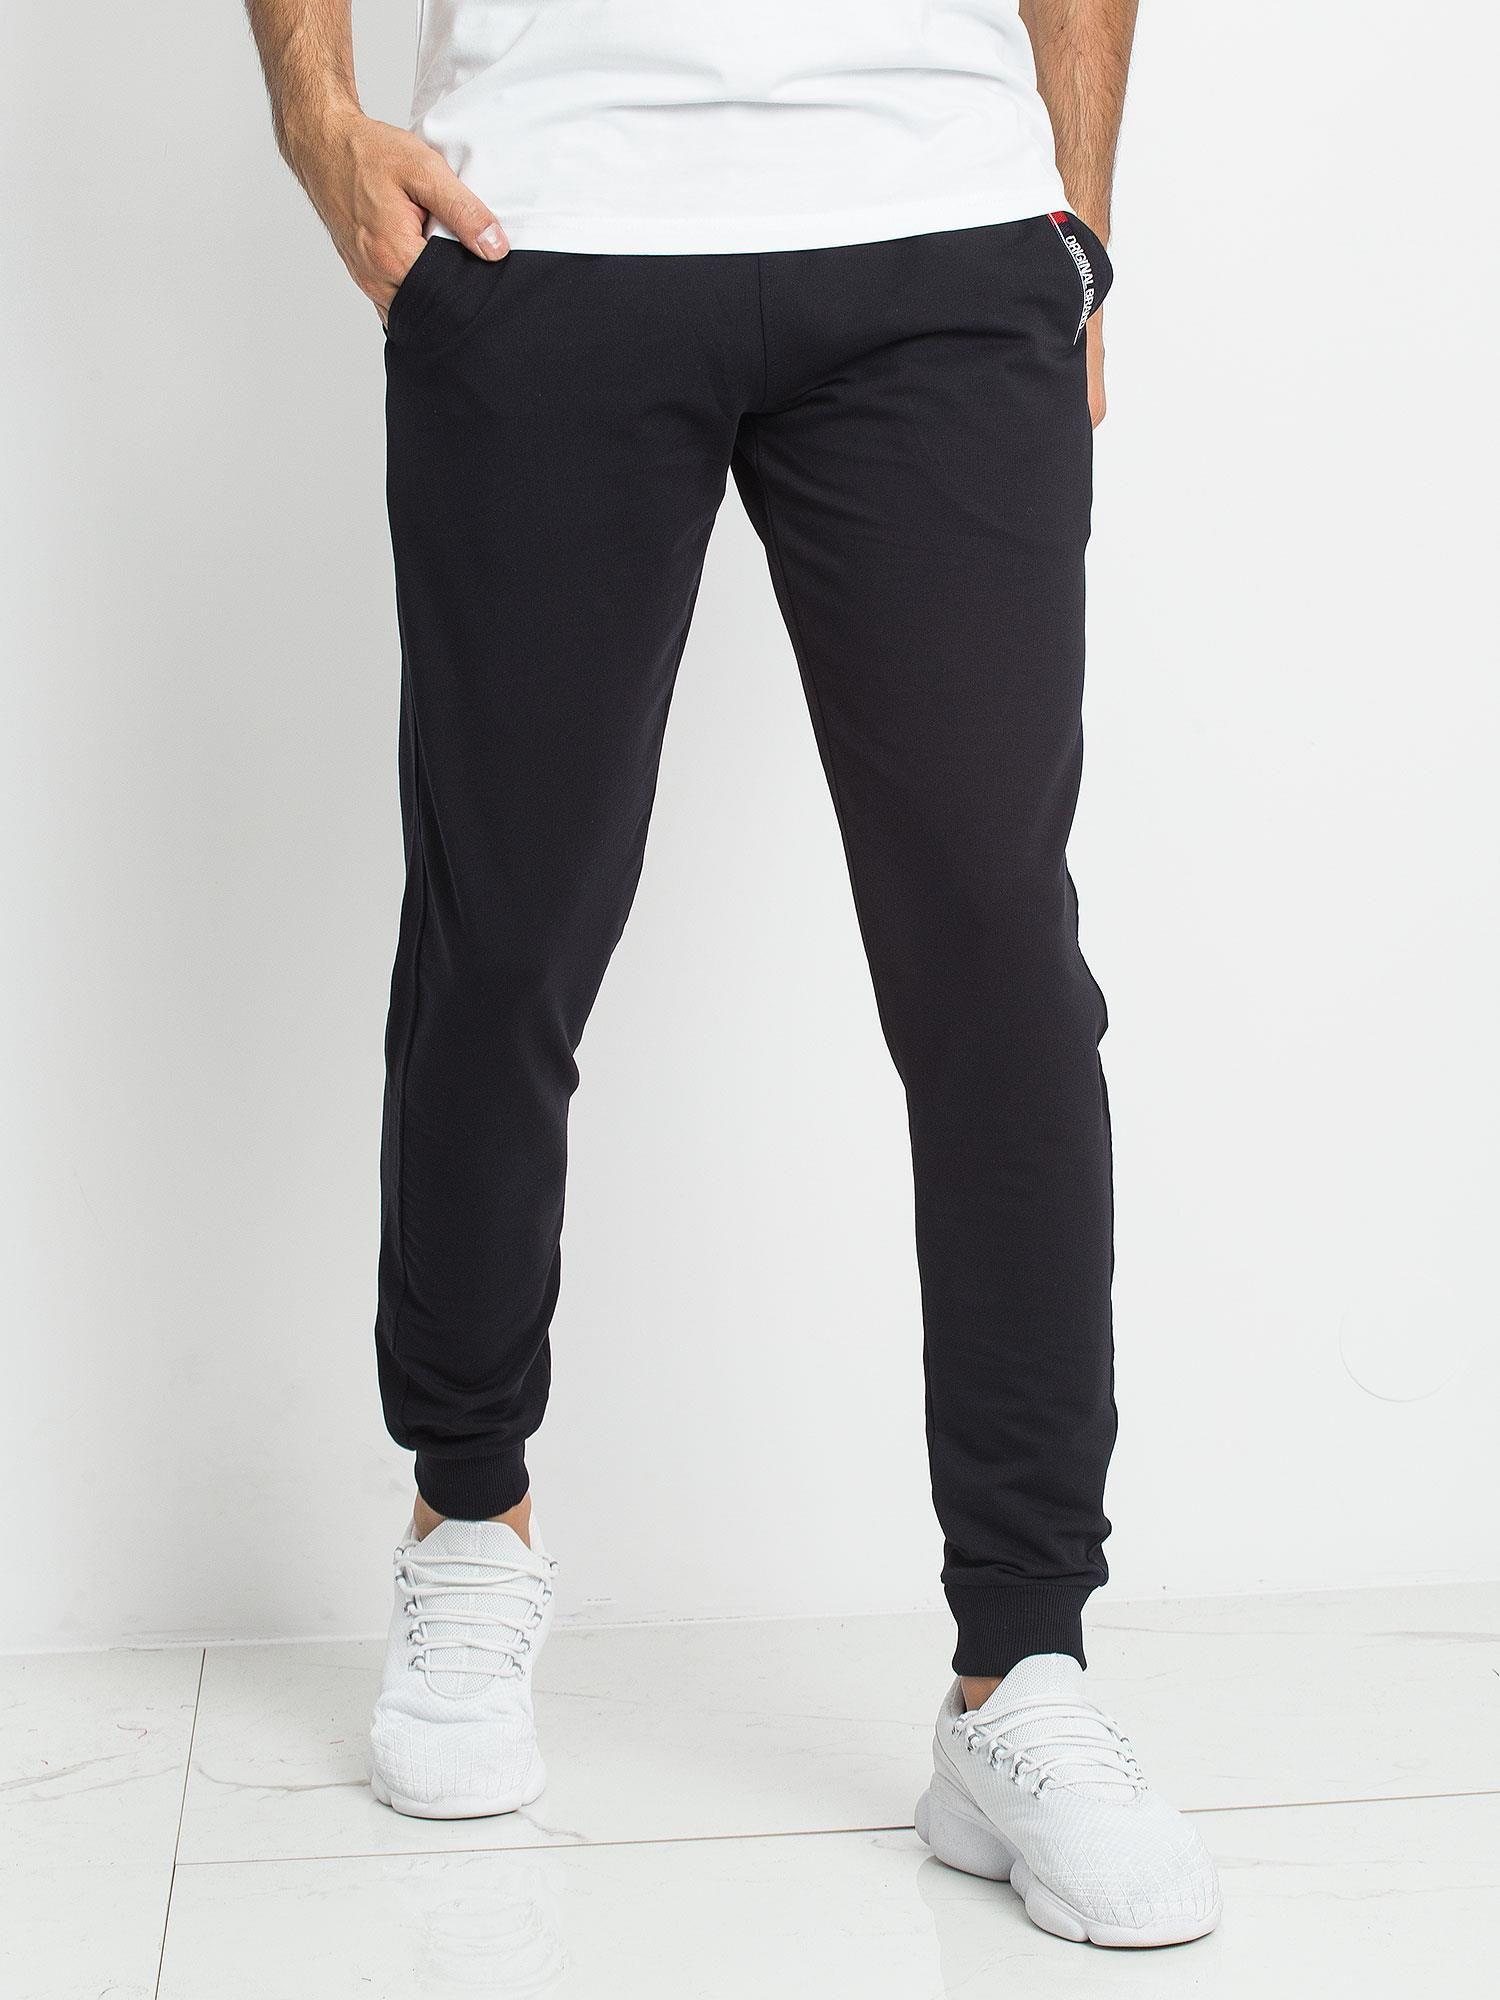 4bf4c6a0006caa TOMMY LIFE Czarne męskie dresy - Mężczyźni Spodnie dresowe męskie ...